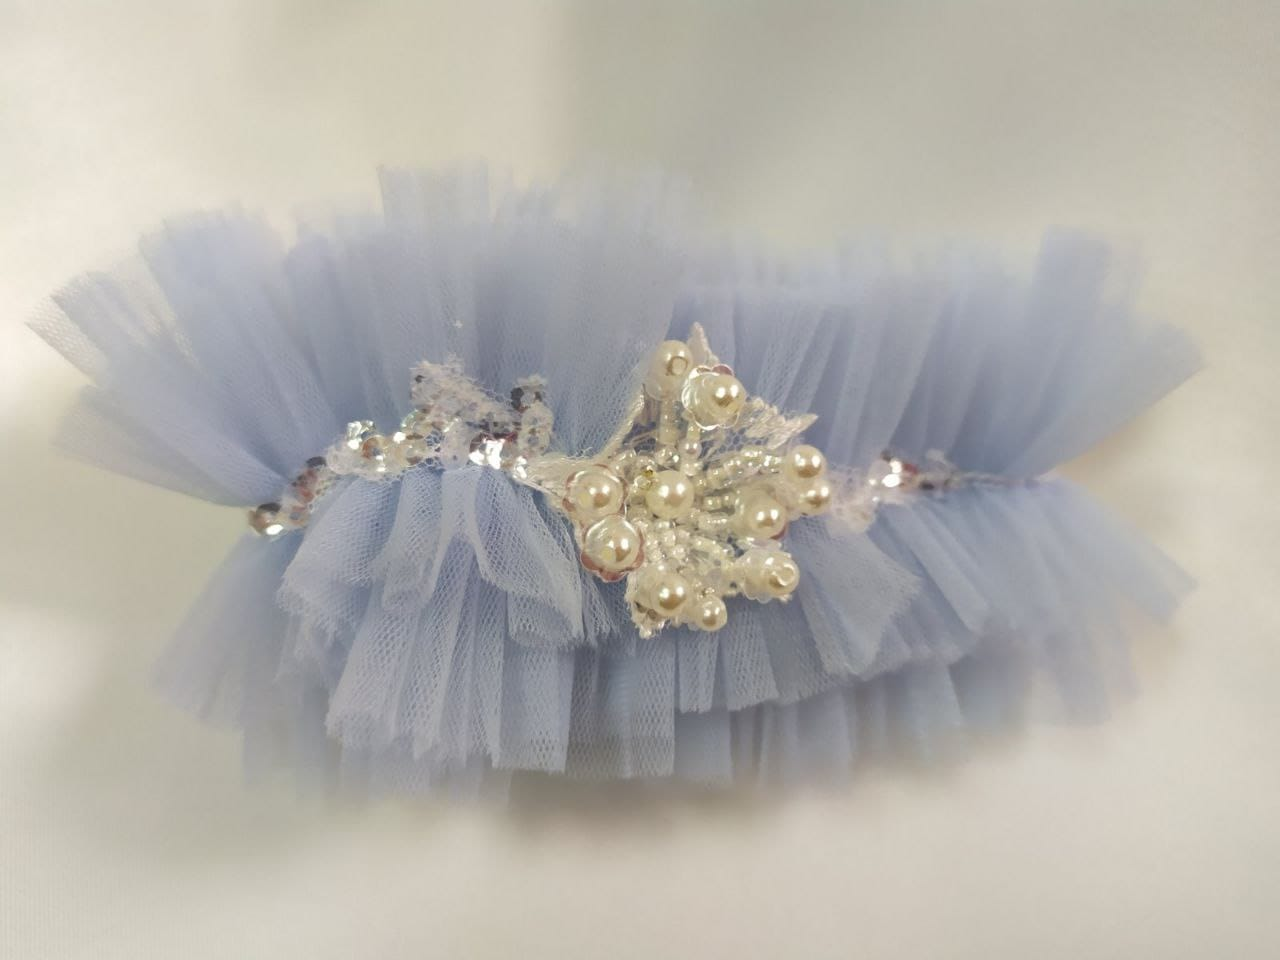 Синяя свадебная подвязка, артикул 36500003, фото №4